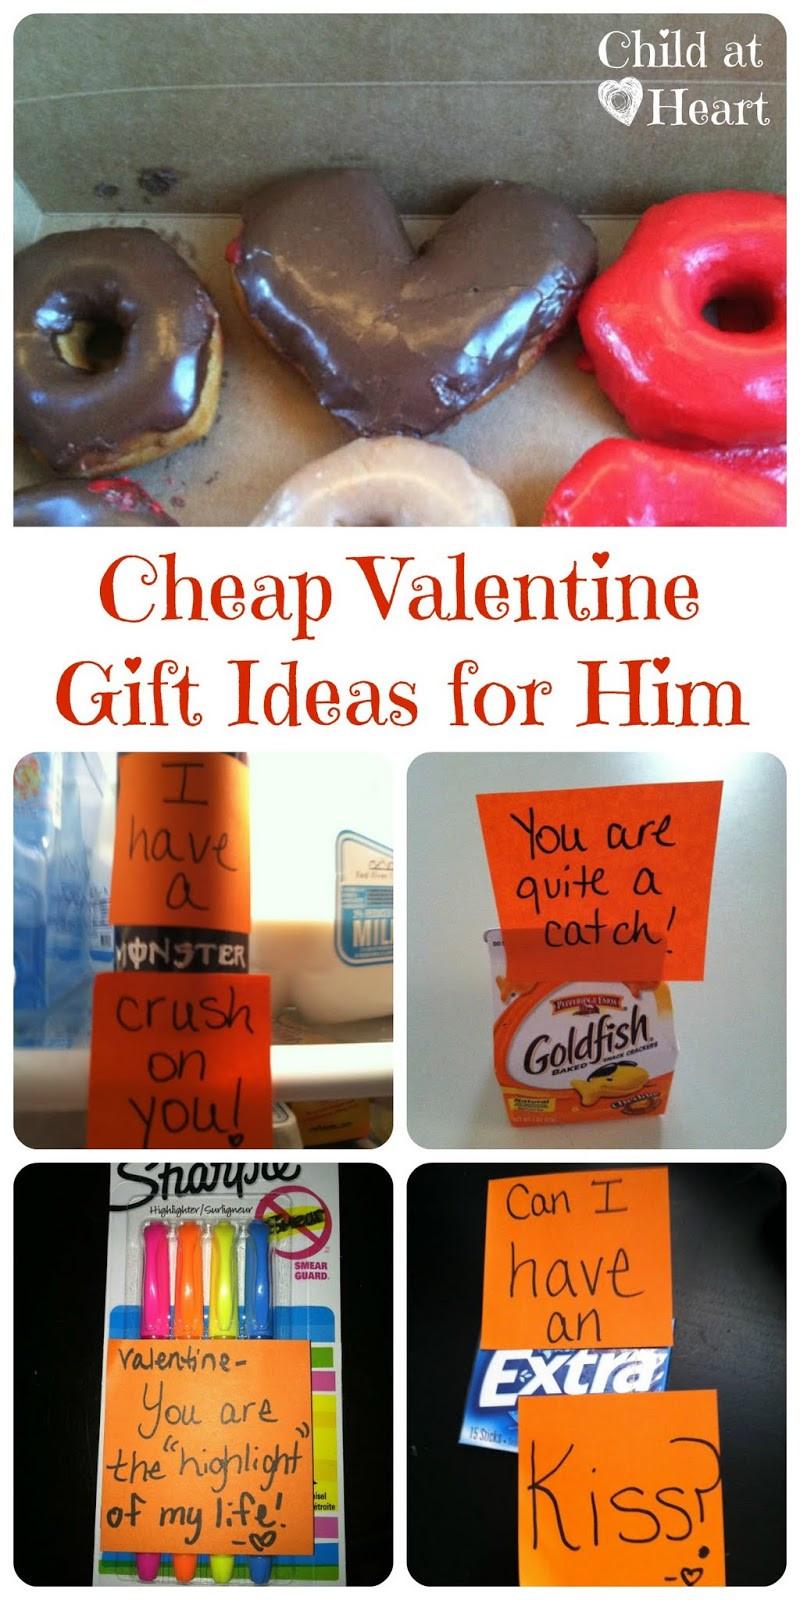 Best ideas about Valentines Day Boyfriend Gift Ideas . Save or Pin Cheap Valentine Gift Ideas for Him Child at Heart Blog Now.